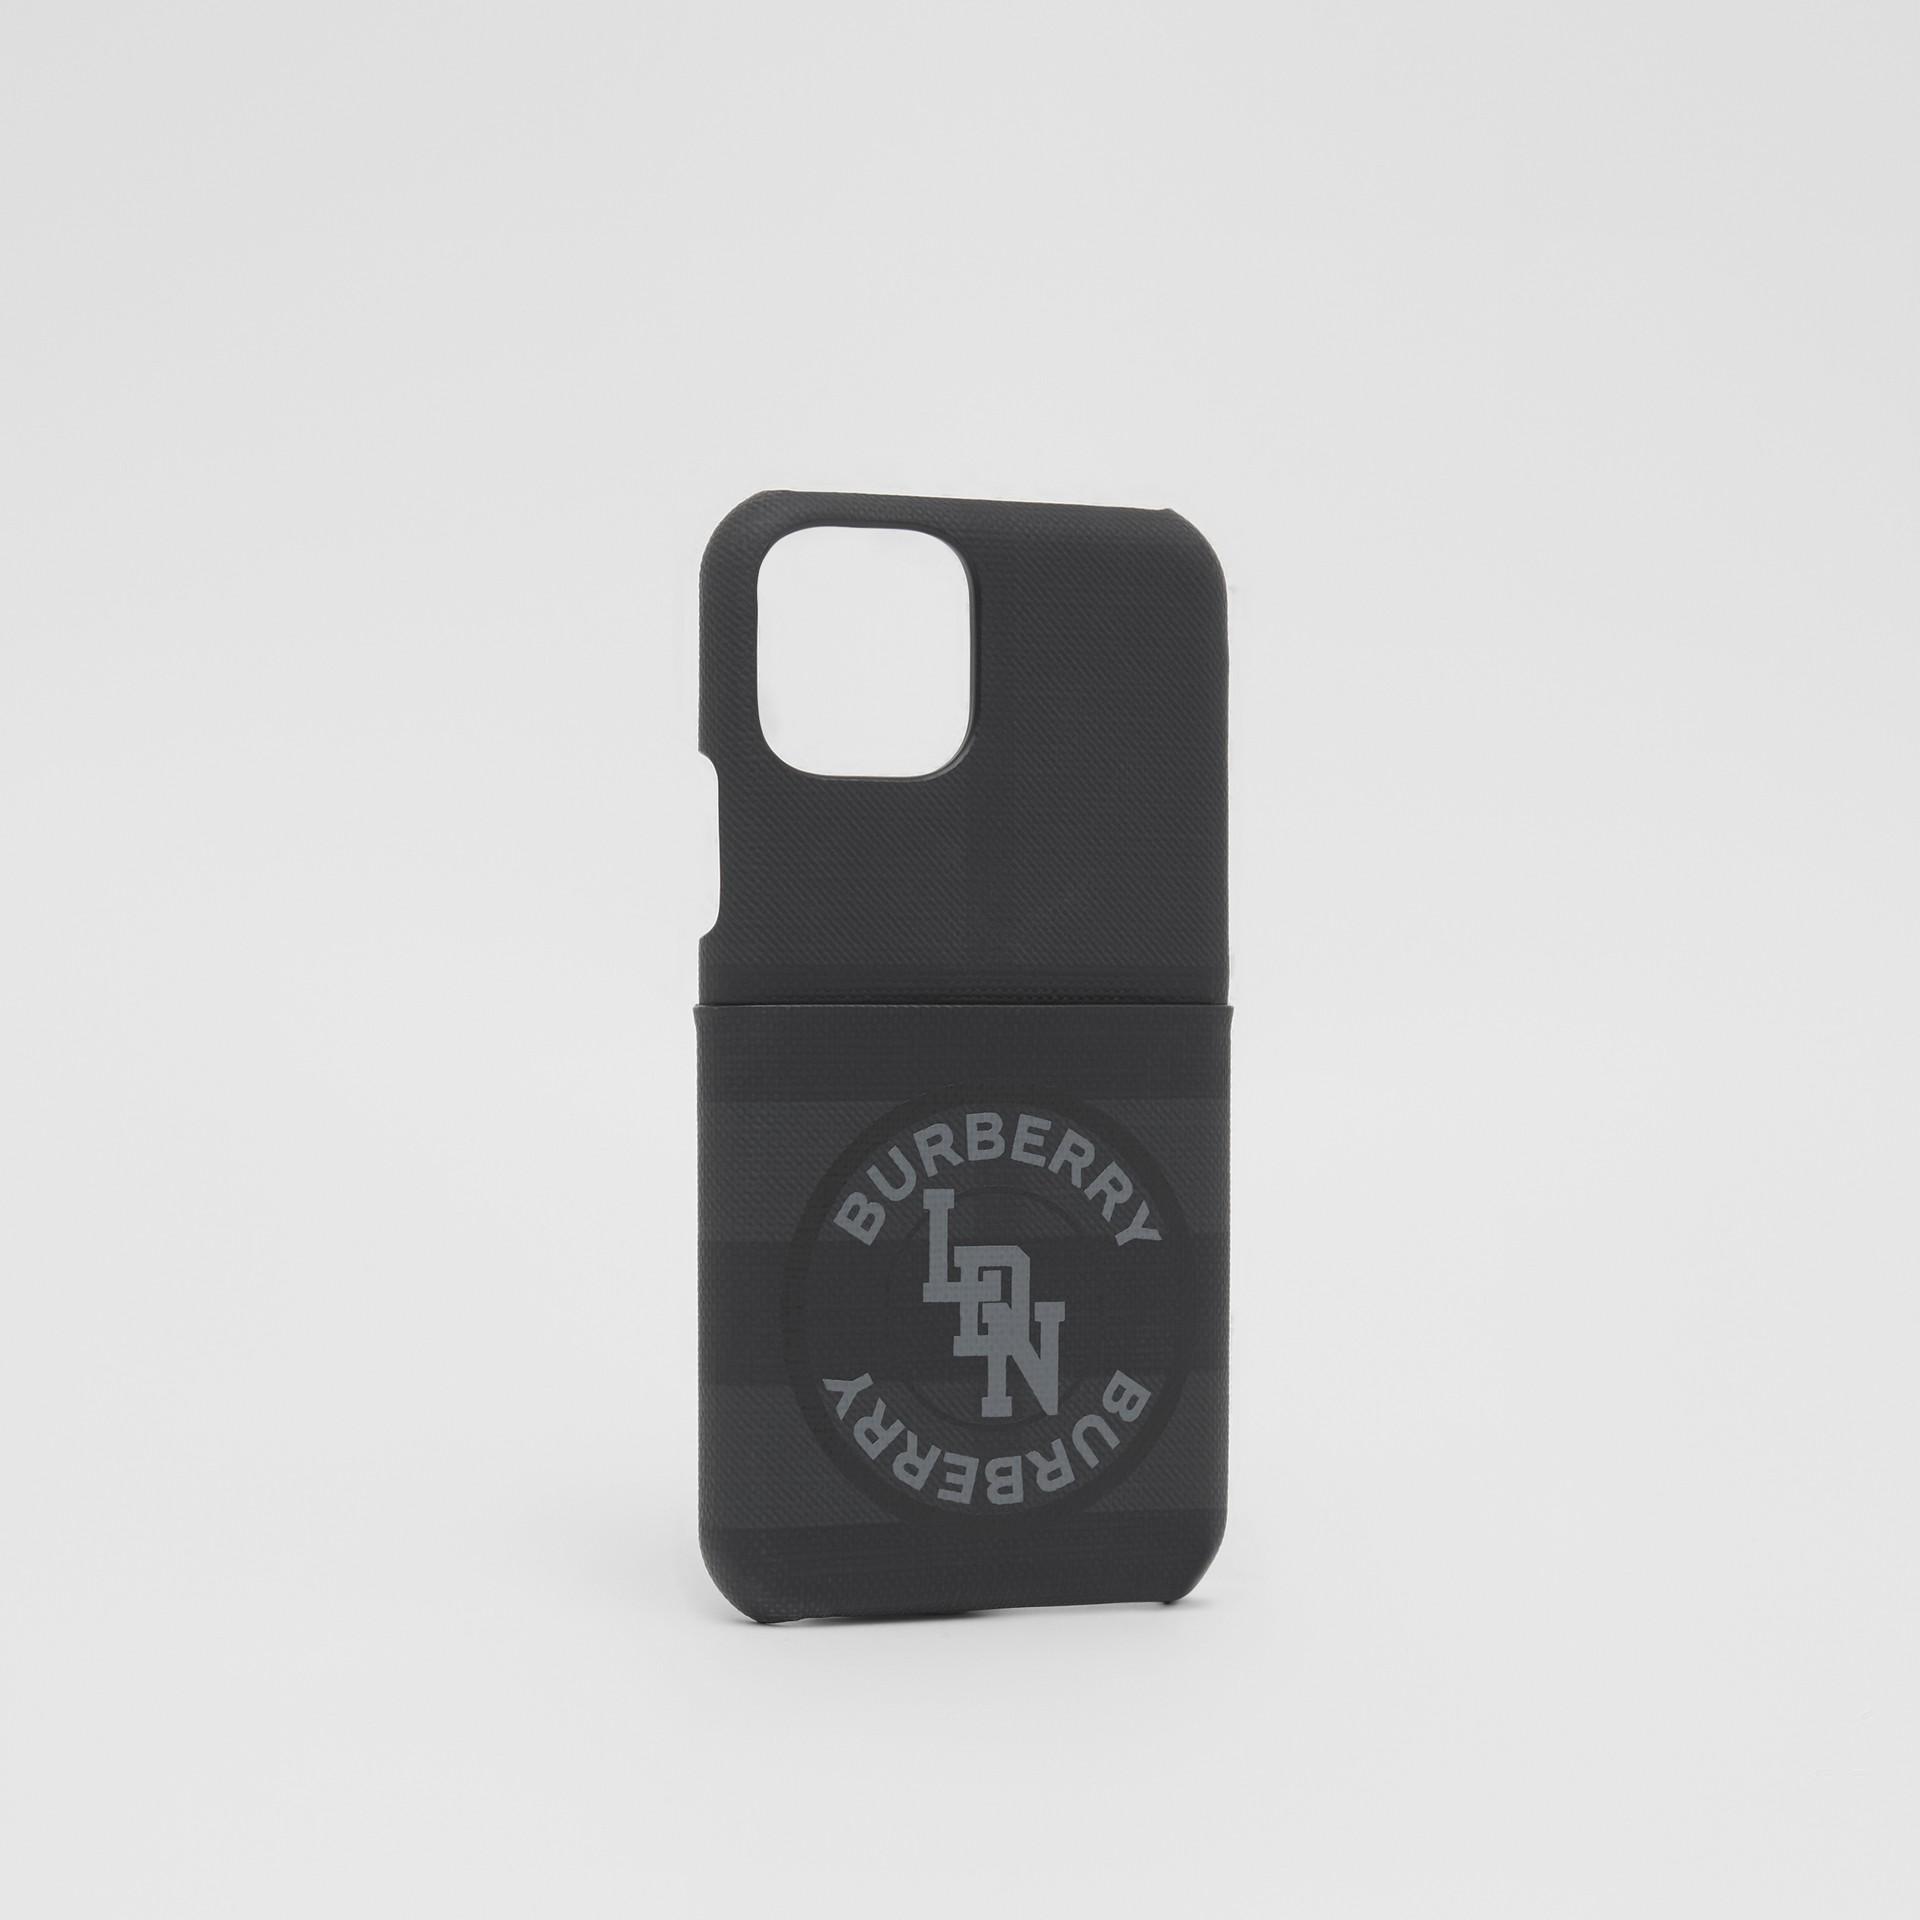 로고 그래픽 런던 체크 아이폰 11 프로 케이스 (다크 차콜) - 남성 | Burberry - 갤러리 이미지 2